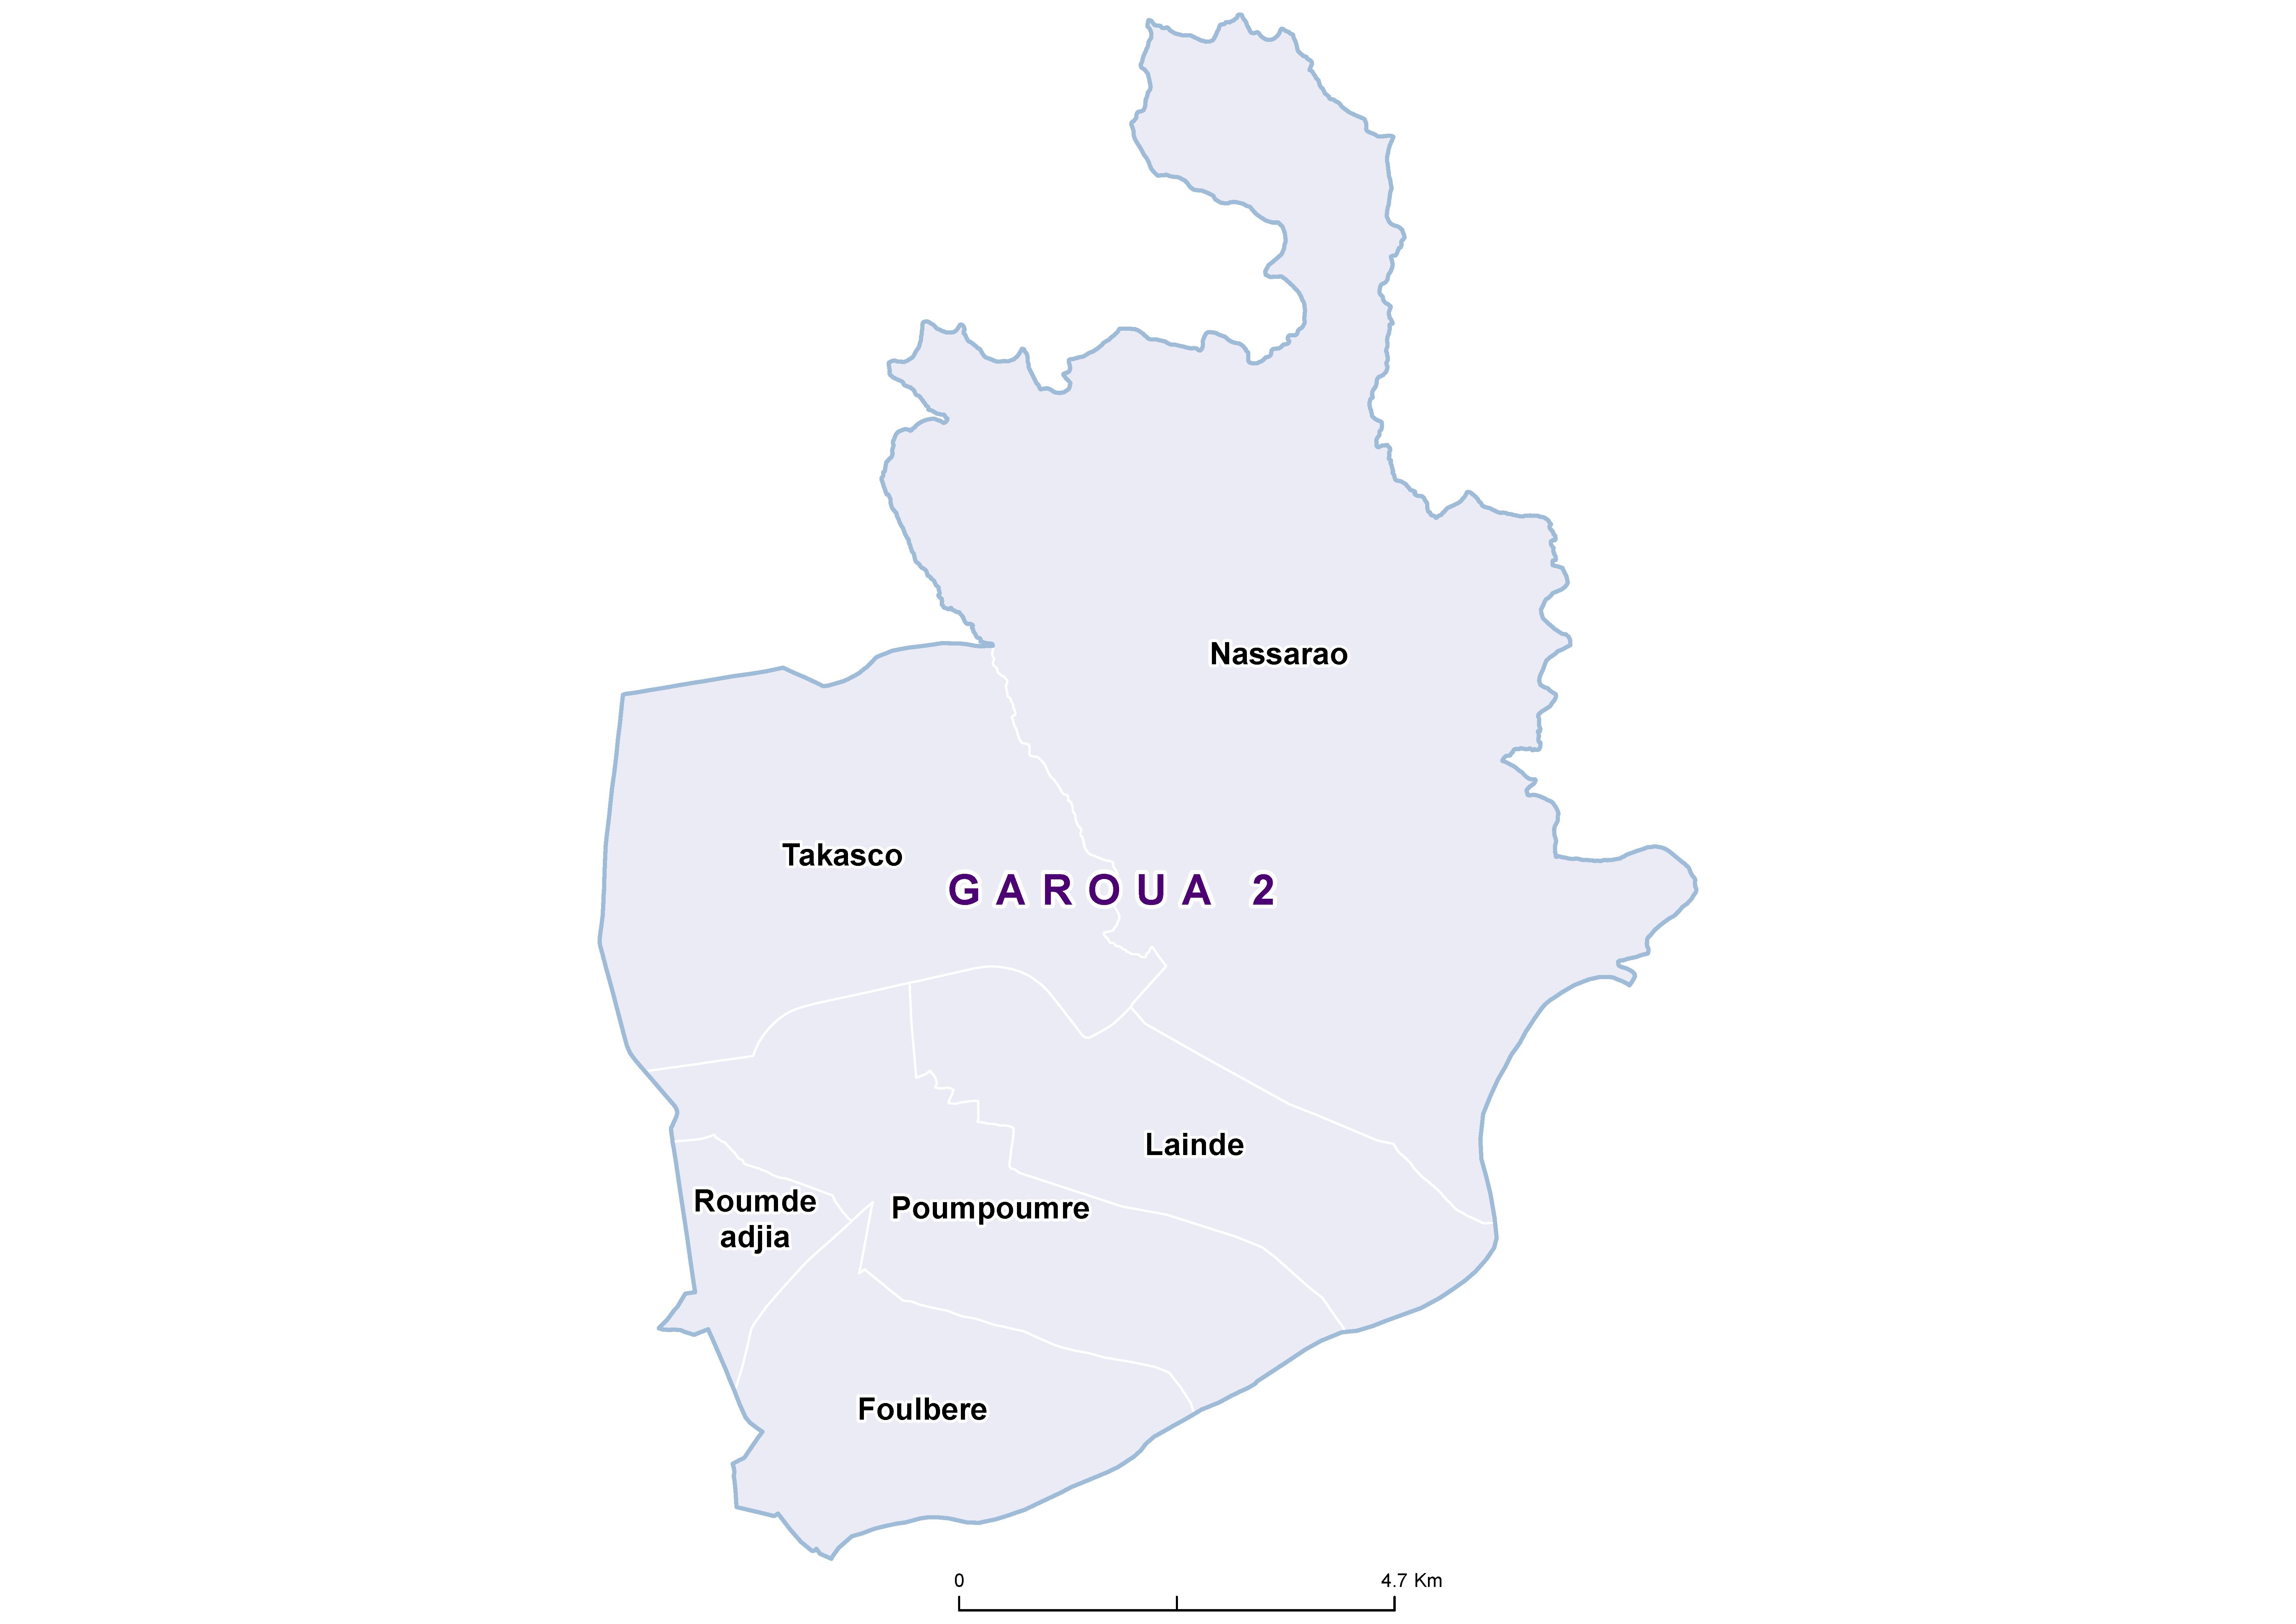 Garoua 2 STH 20180001